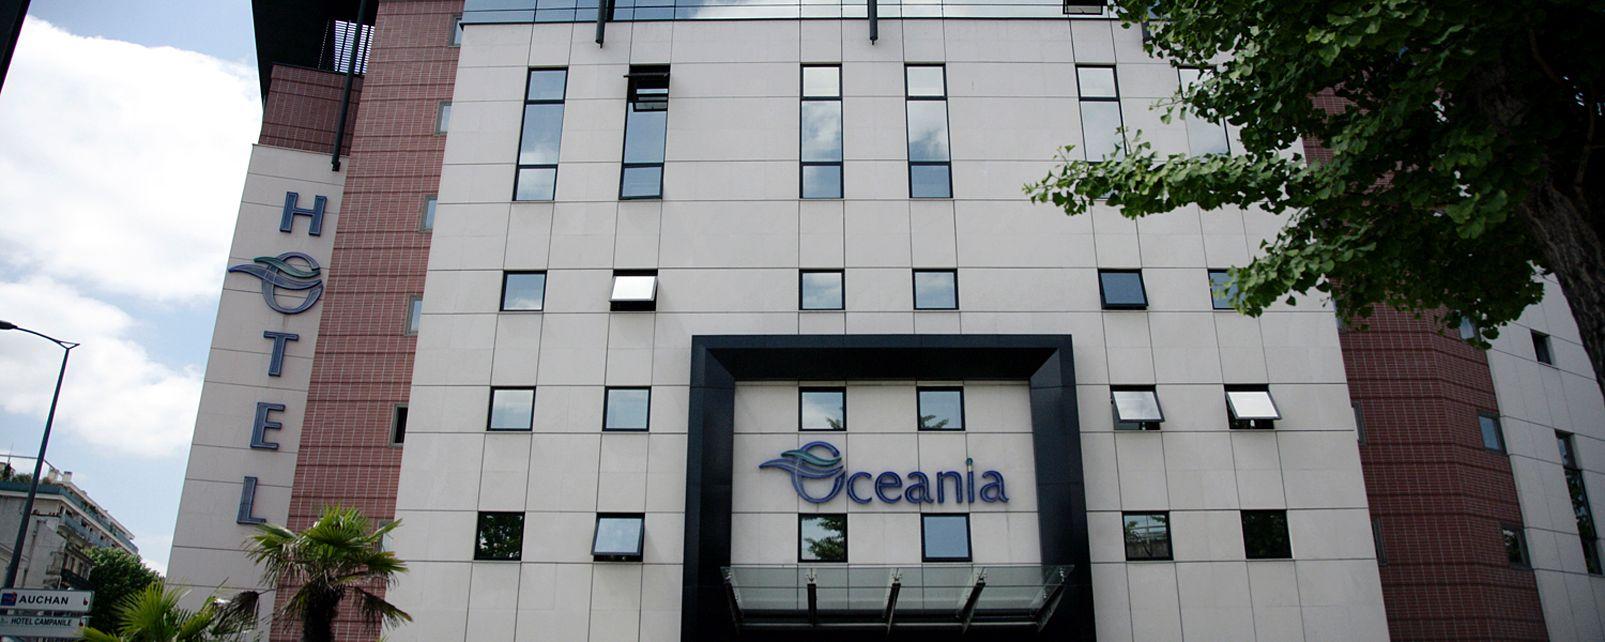 hotel oceania porte de versailles in